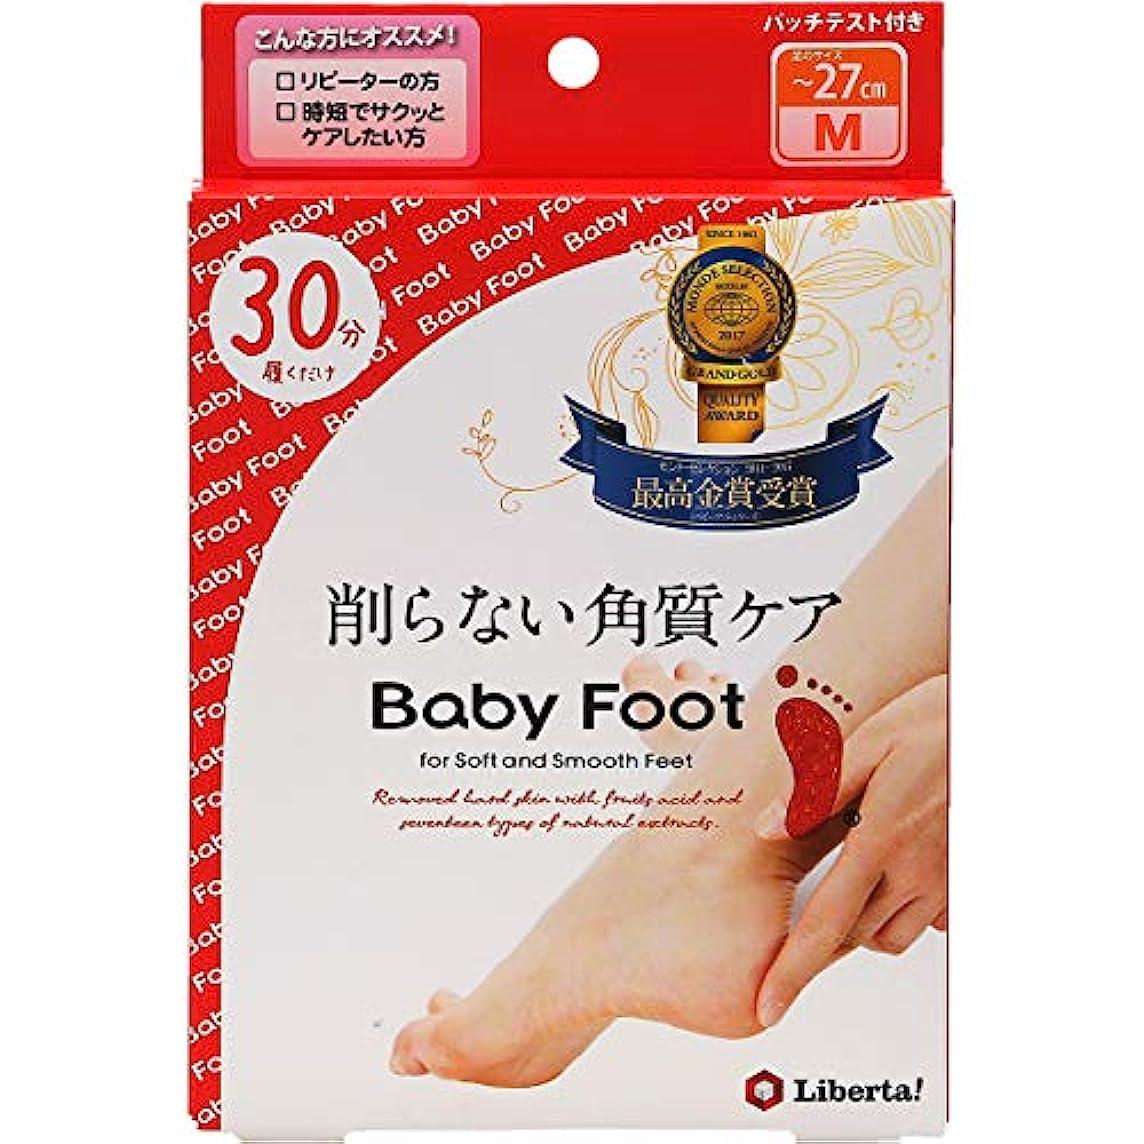 訪問破壊溶かすベビーフット (Baby Foot) ベビーフット イージーパック30分タイプ Mサイズ 単品